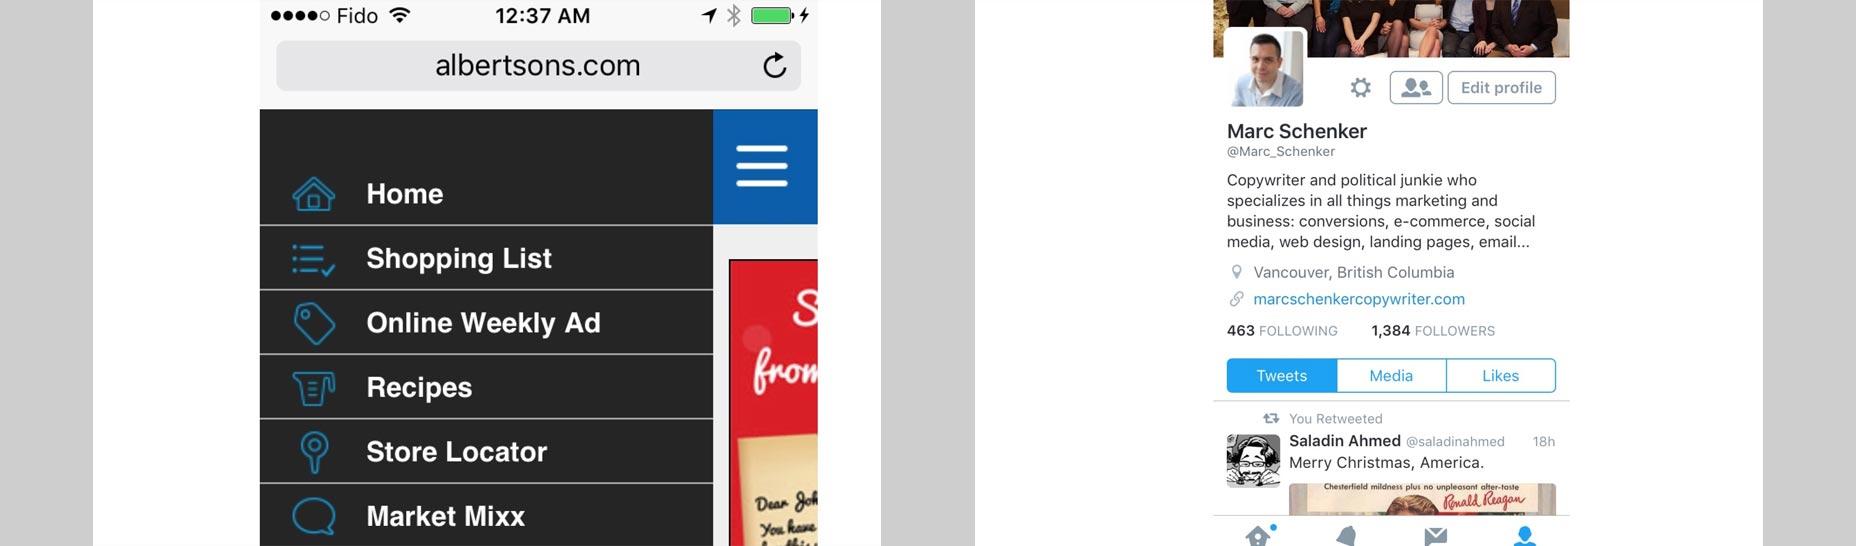 打包干货!给网页设计师的移动端网页设计简明指南